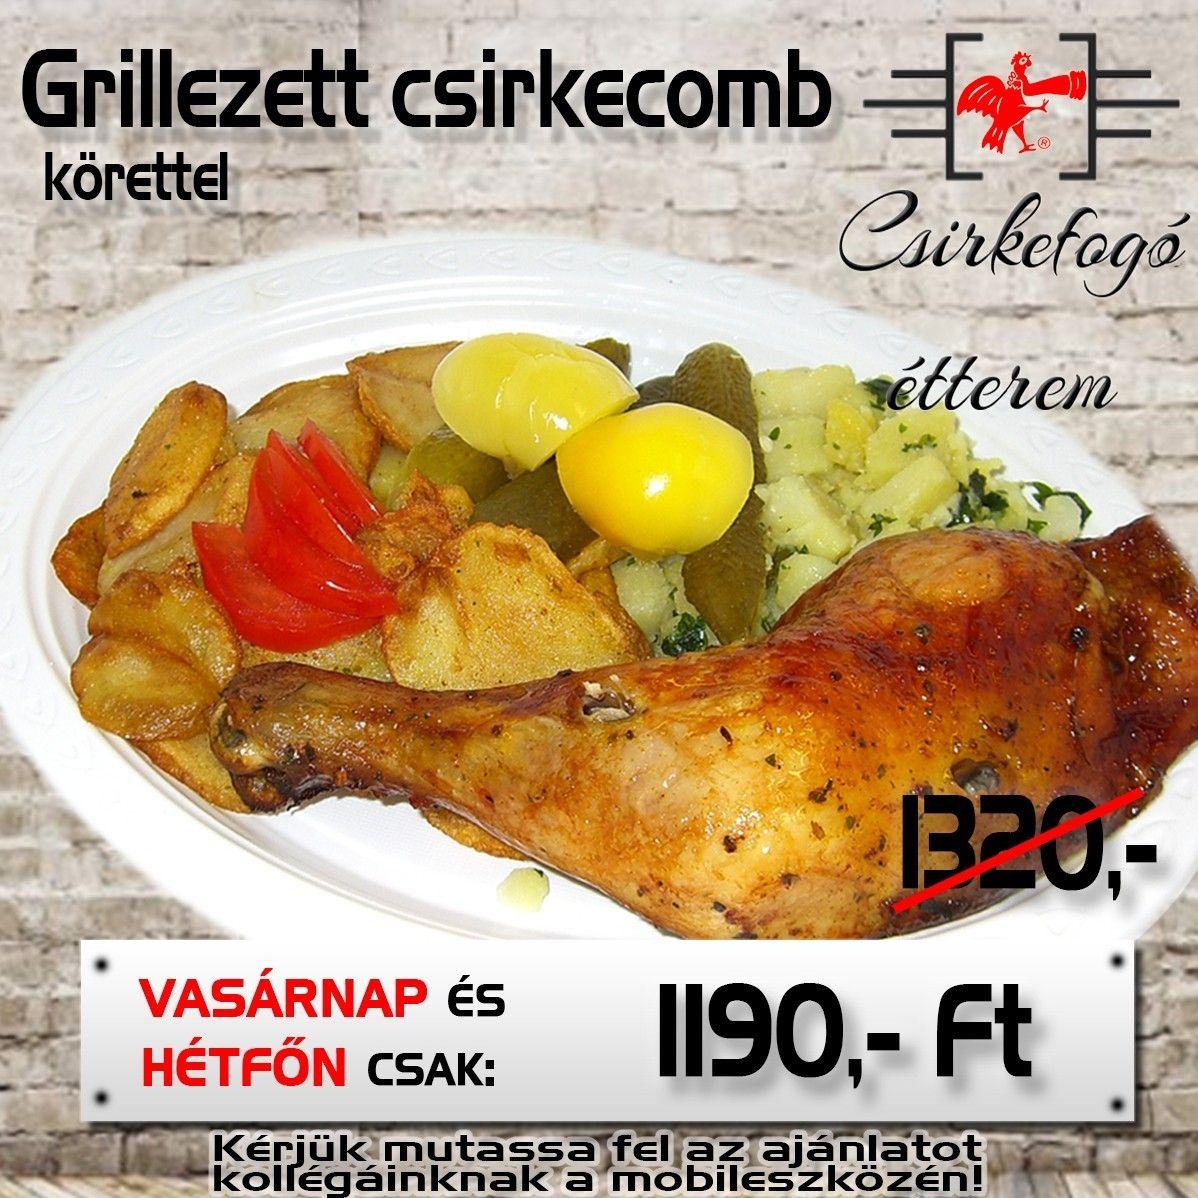 Grill csirkecomb körettel csak 1190,- Ft